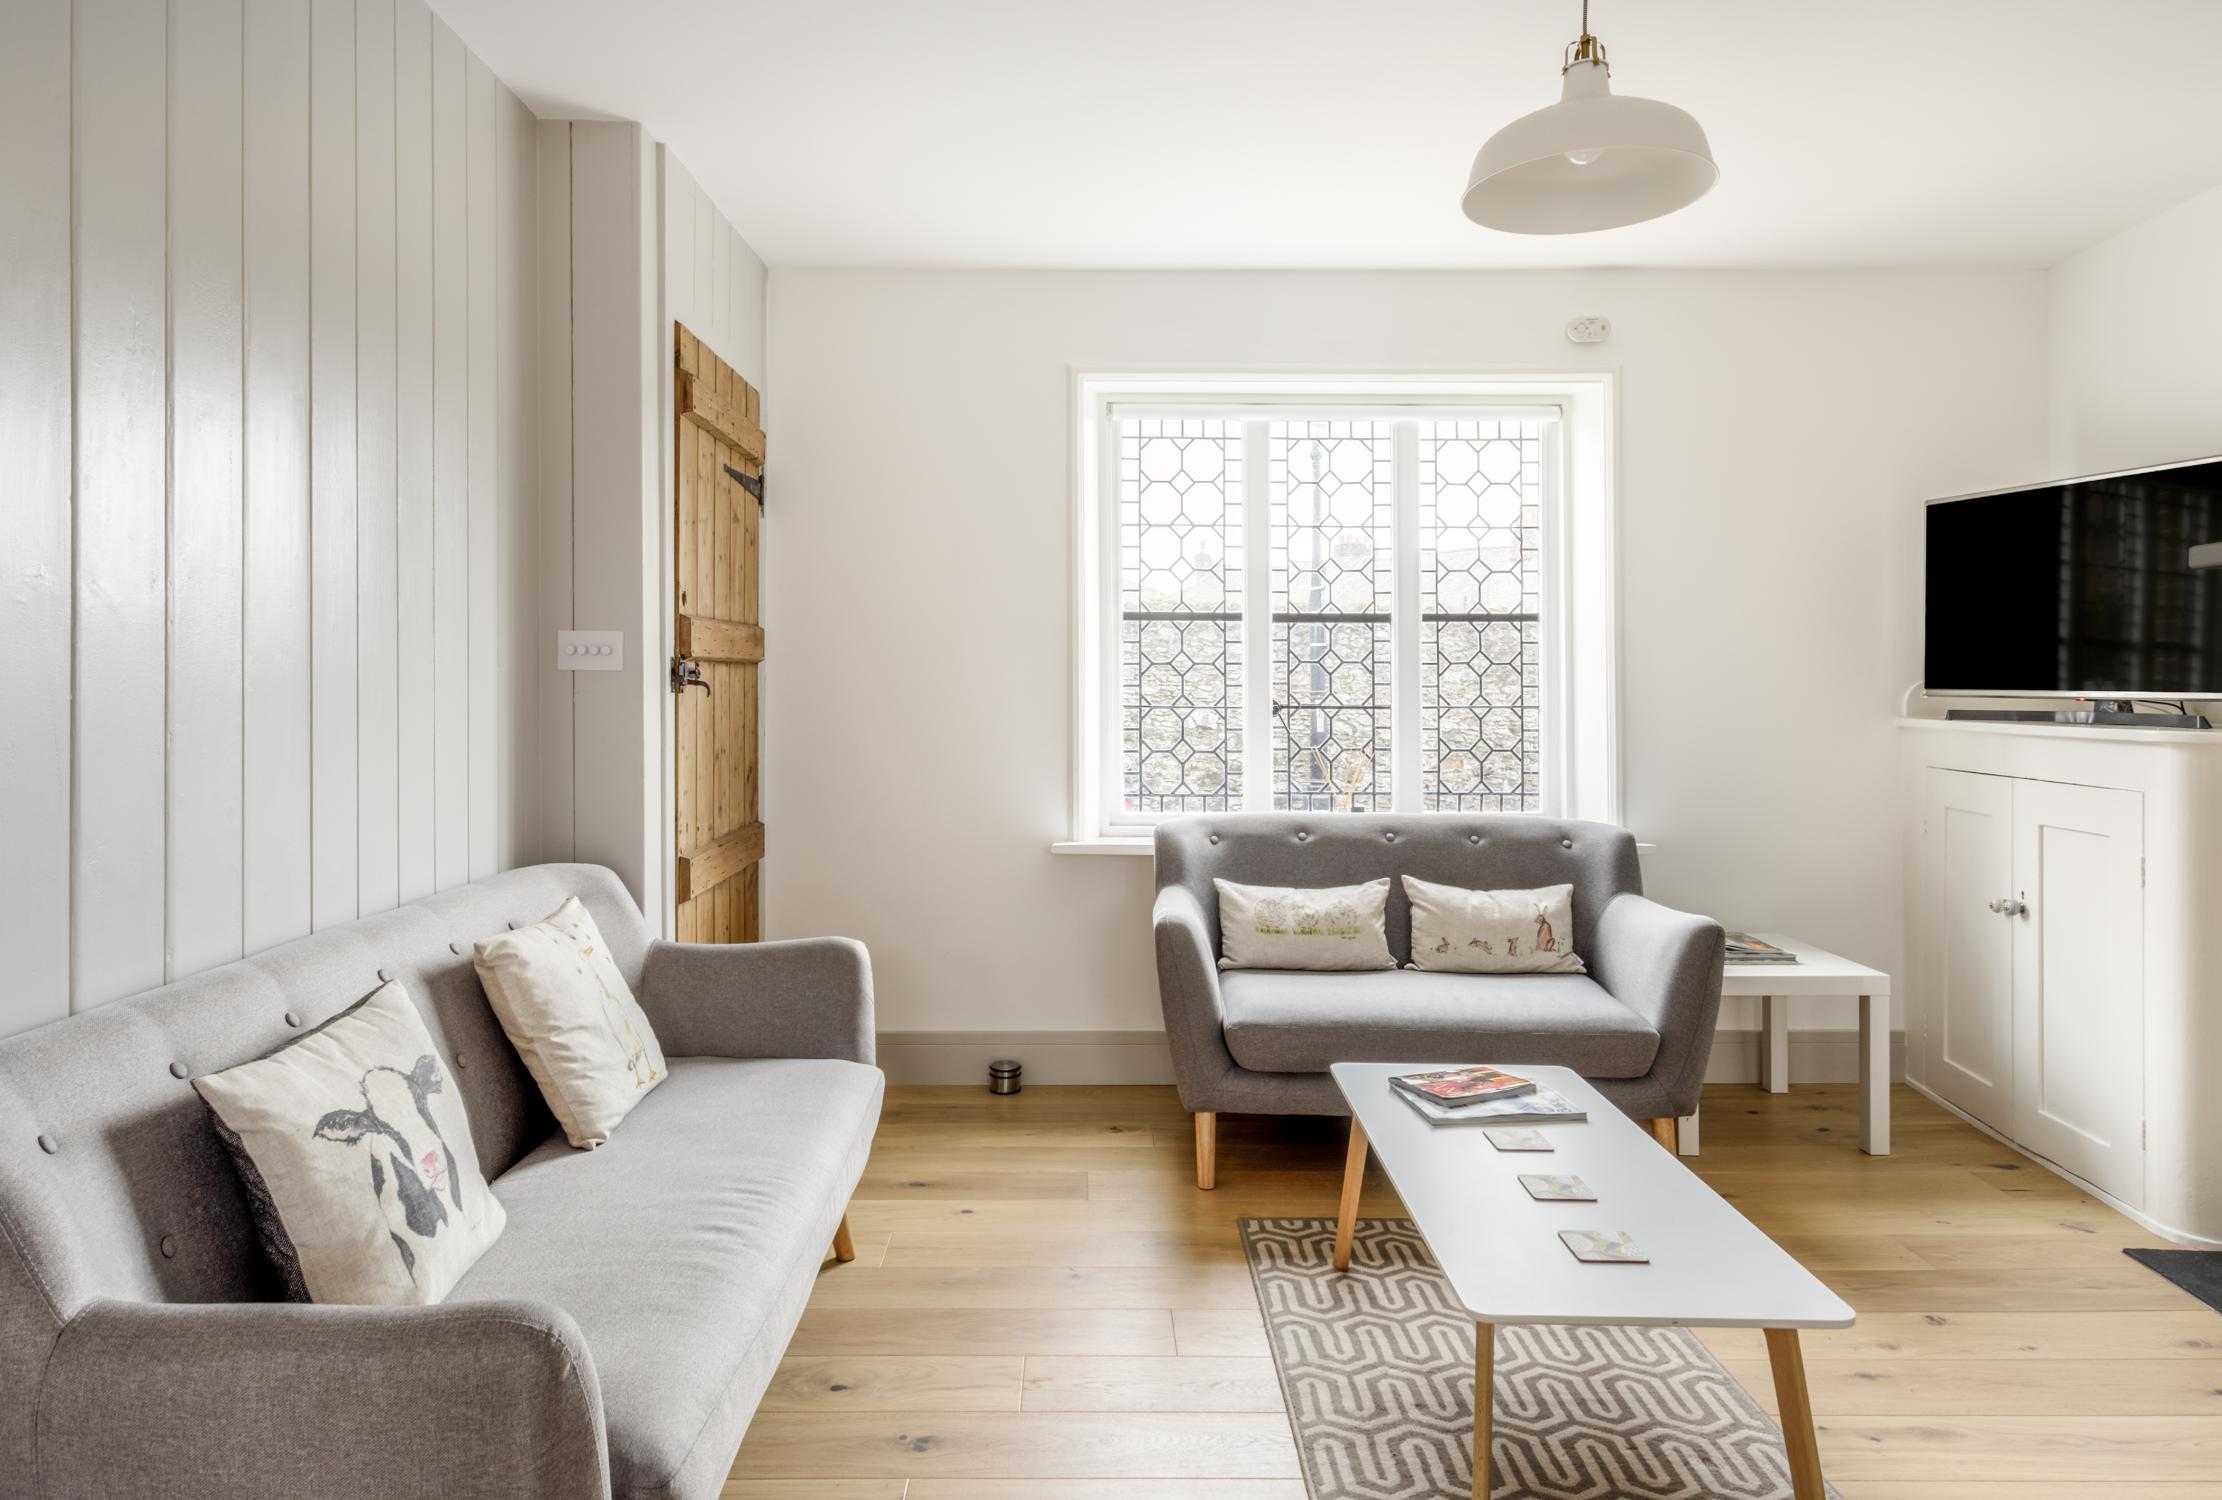 Worthing Builders-ExtraOrdinaryRooms-Arundel renovation period lounge.jpg